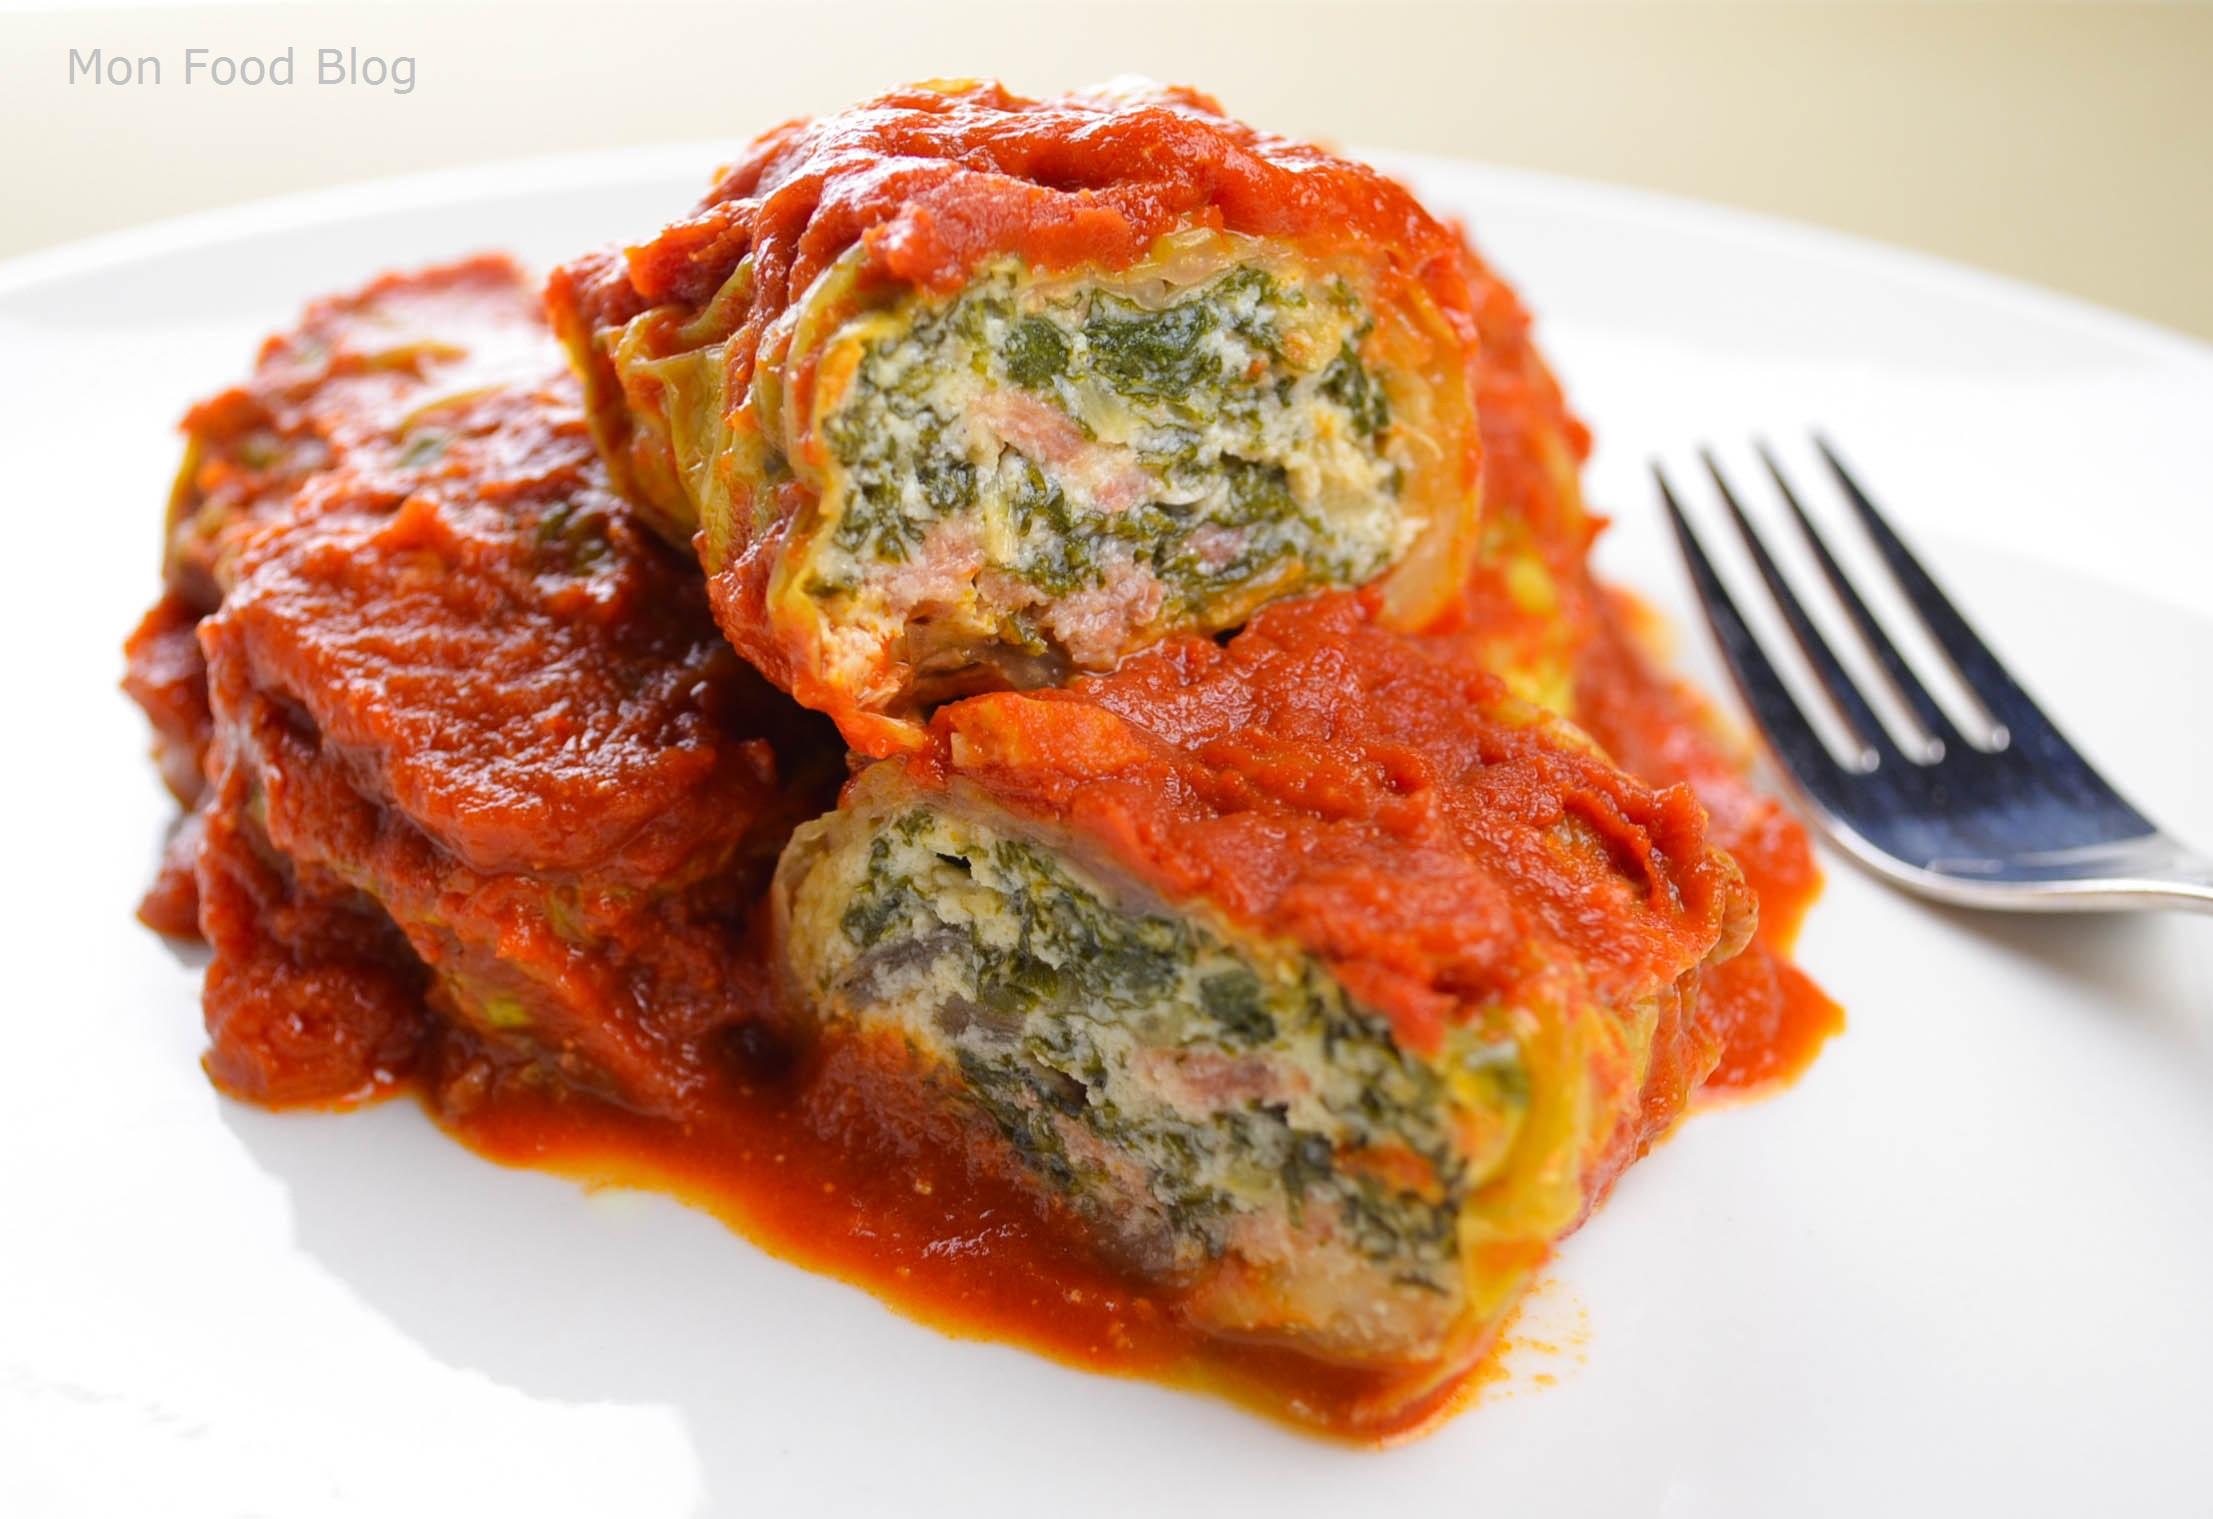 Vegetarian Cabbage Rolls  Cavolo ripieno – Mon Food Blog